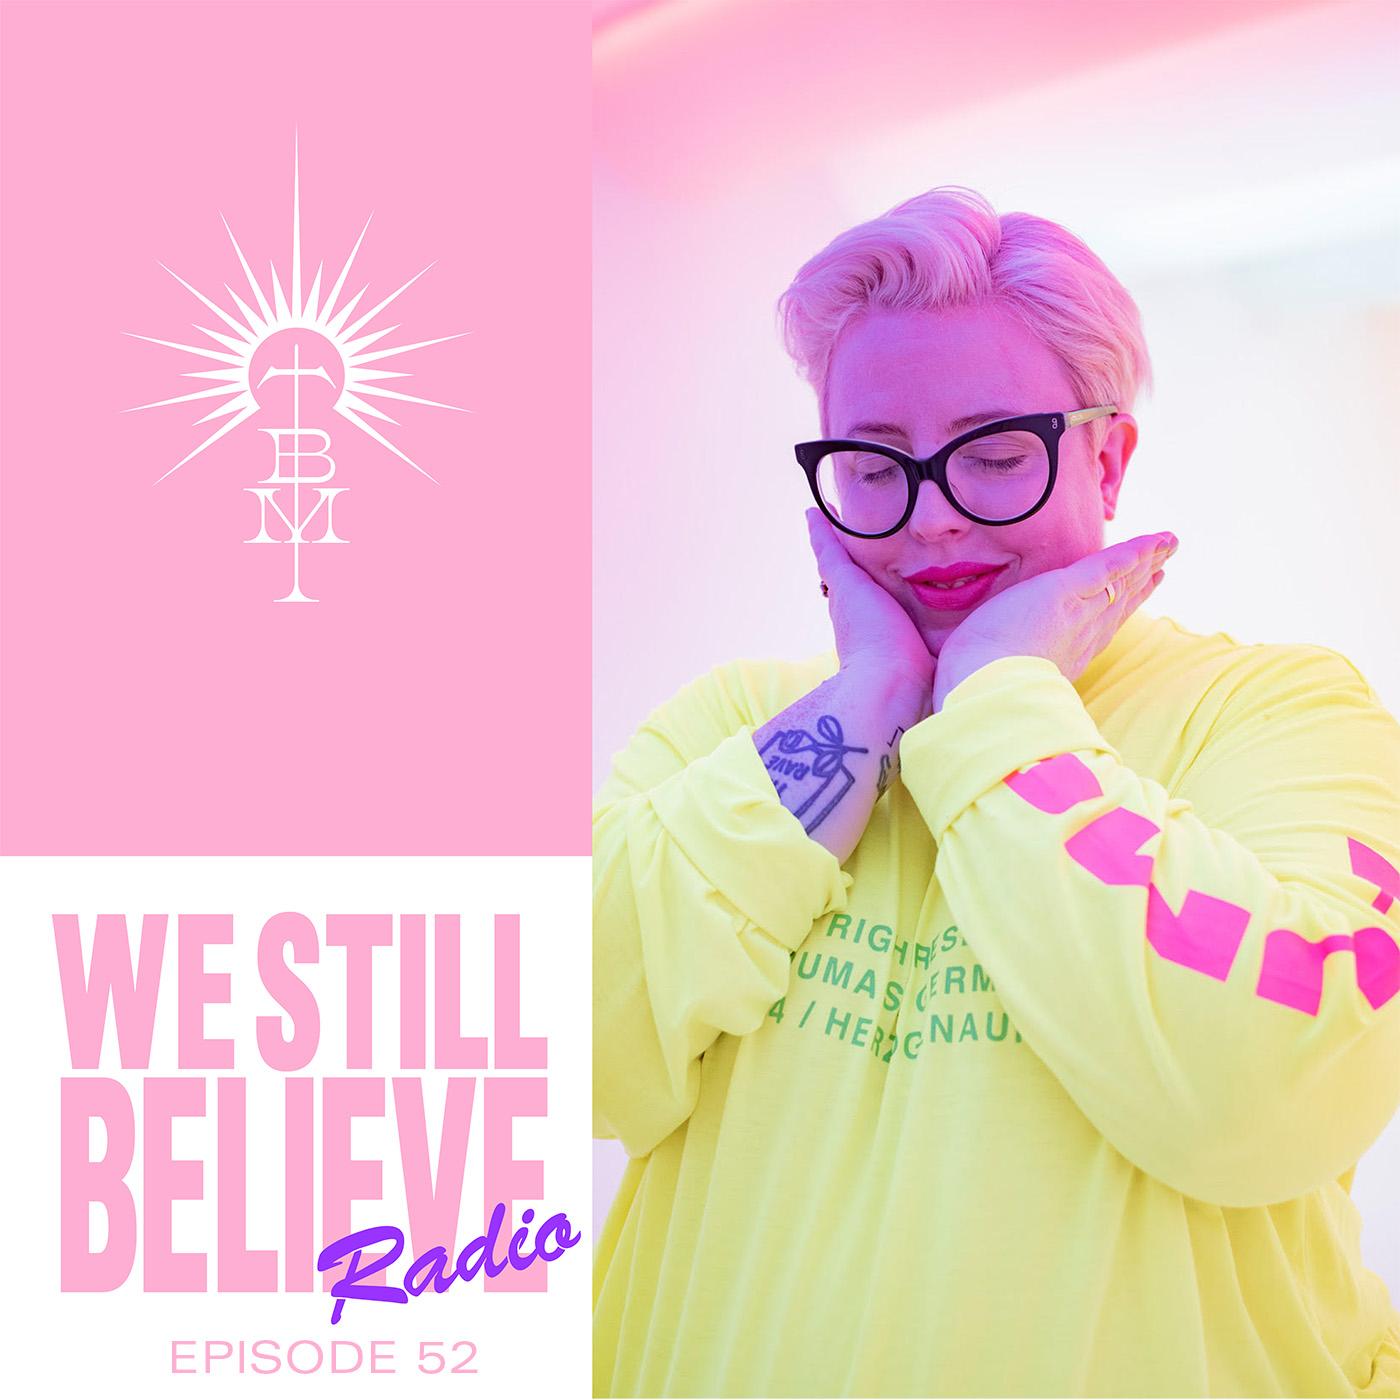 We Still Believe - Episode 052 - B2B2B with Artwork & Midland